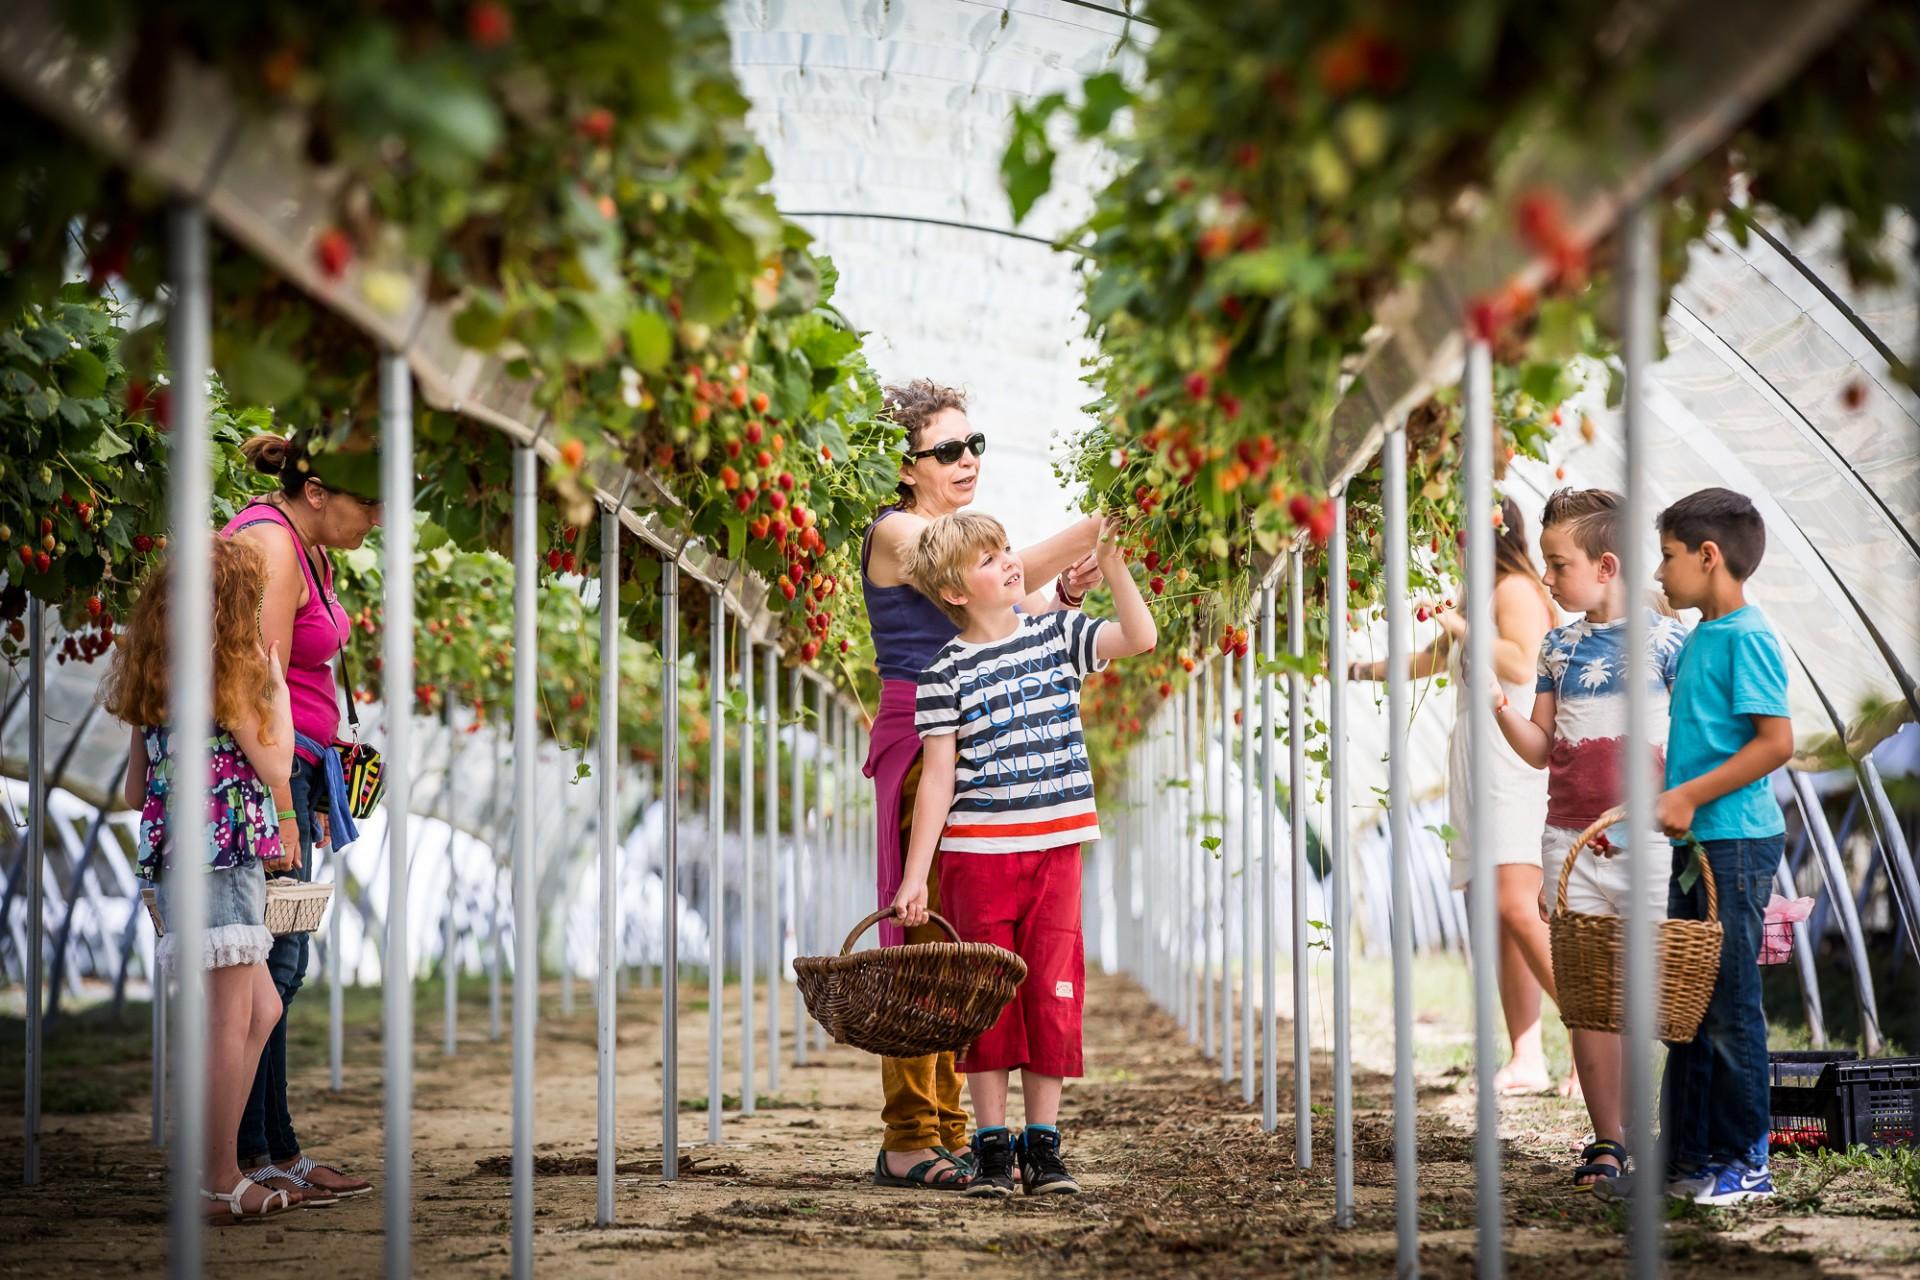 Cueillette de fraise à La Fraiseraie